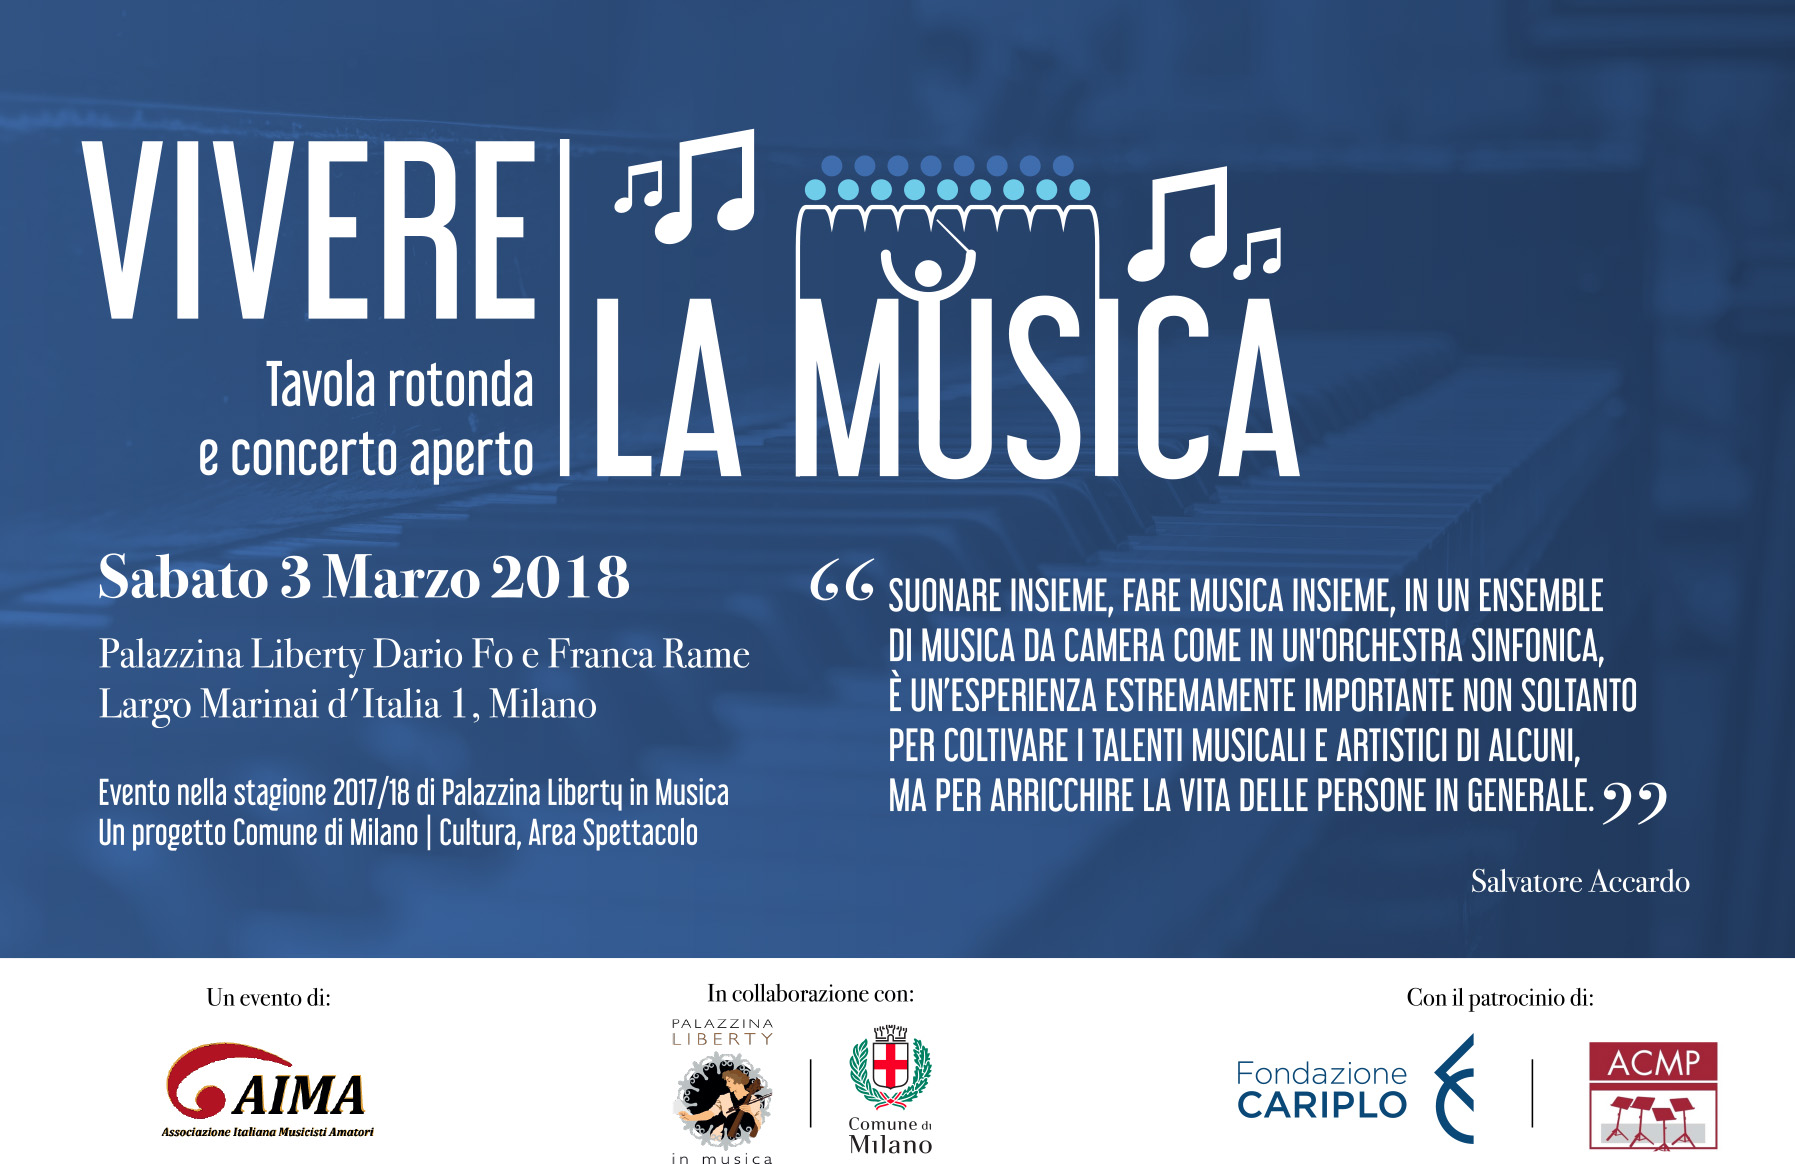 In collaborazione con l'Assessorato alla Cultura del Comune di Milano